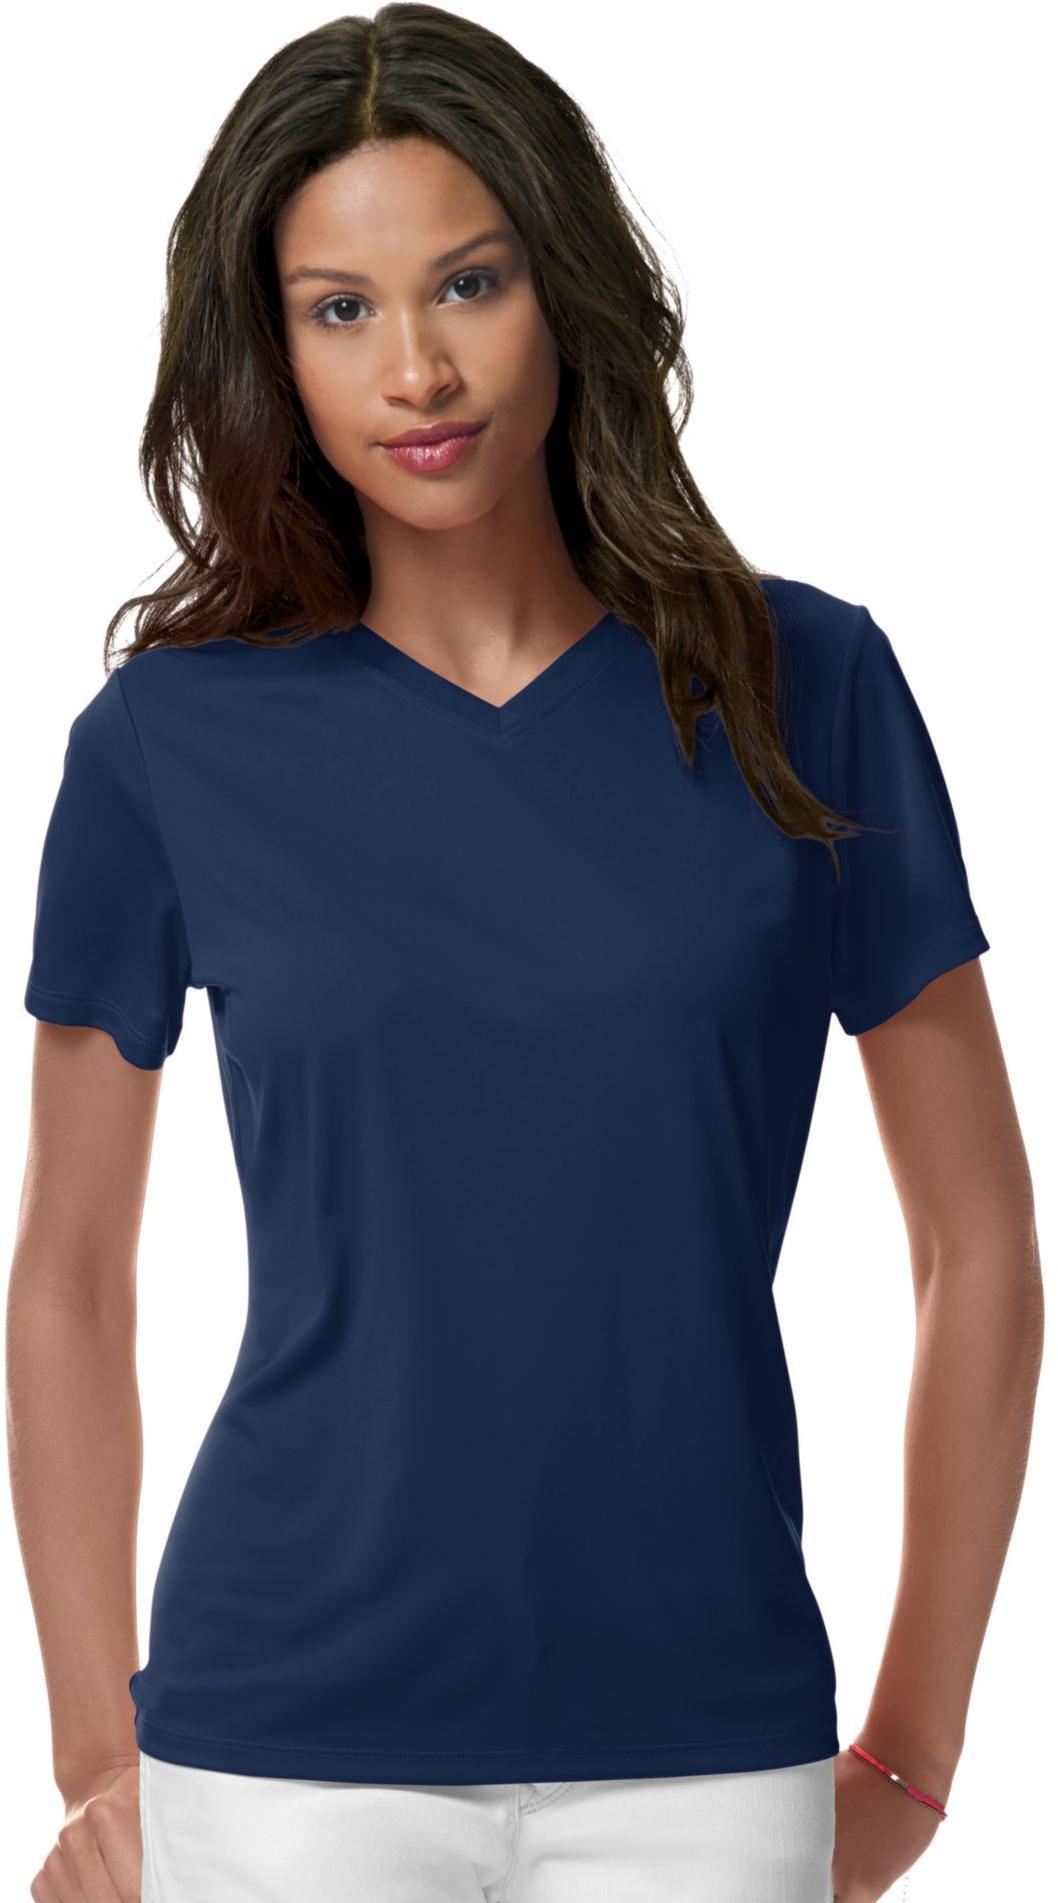 Hanes Women 39 S Cool Dri V Neck T Shirt 483v